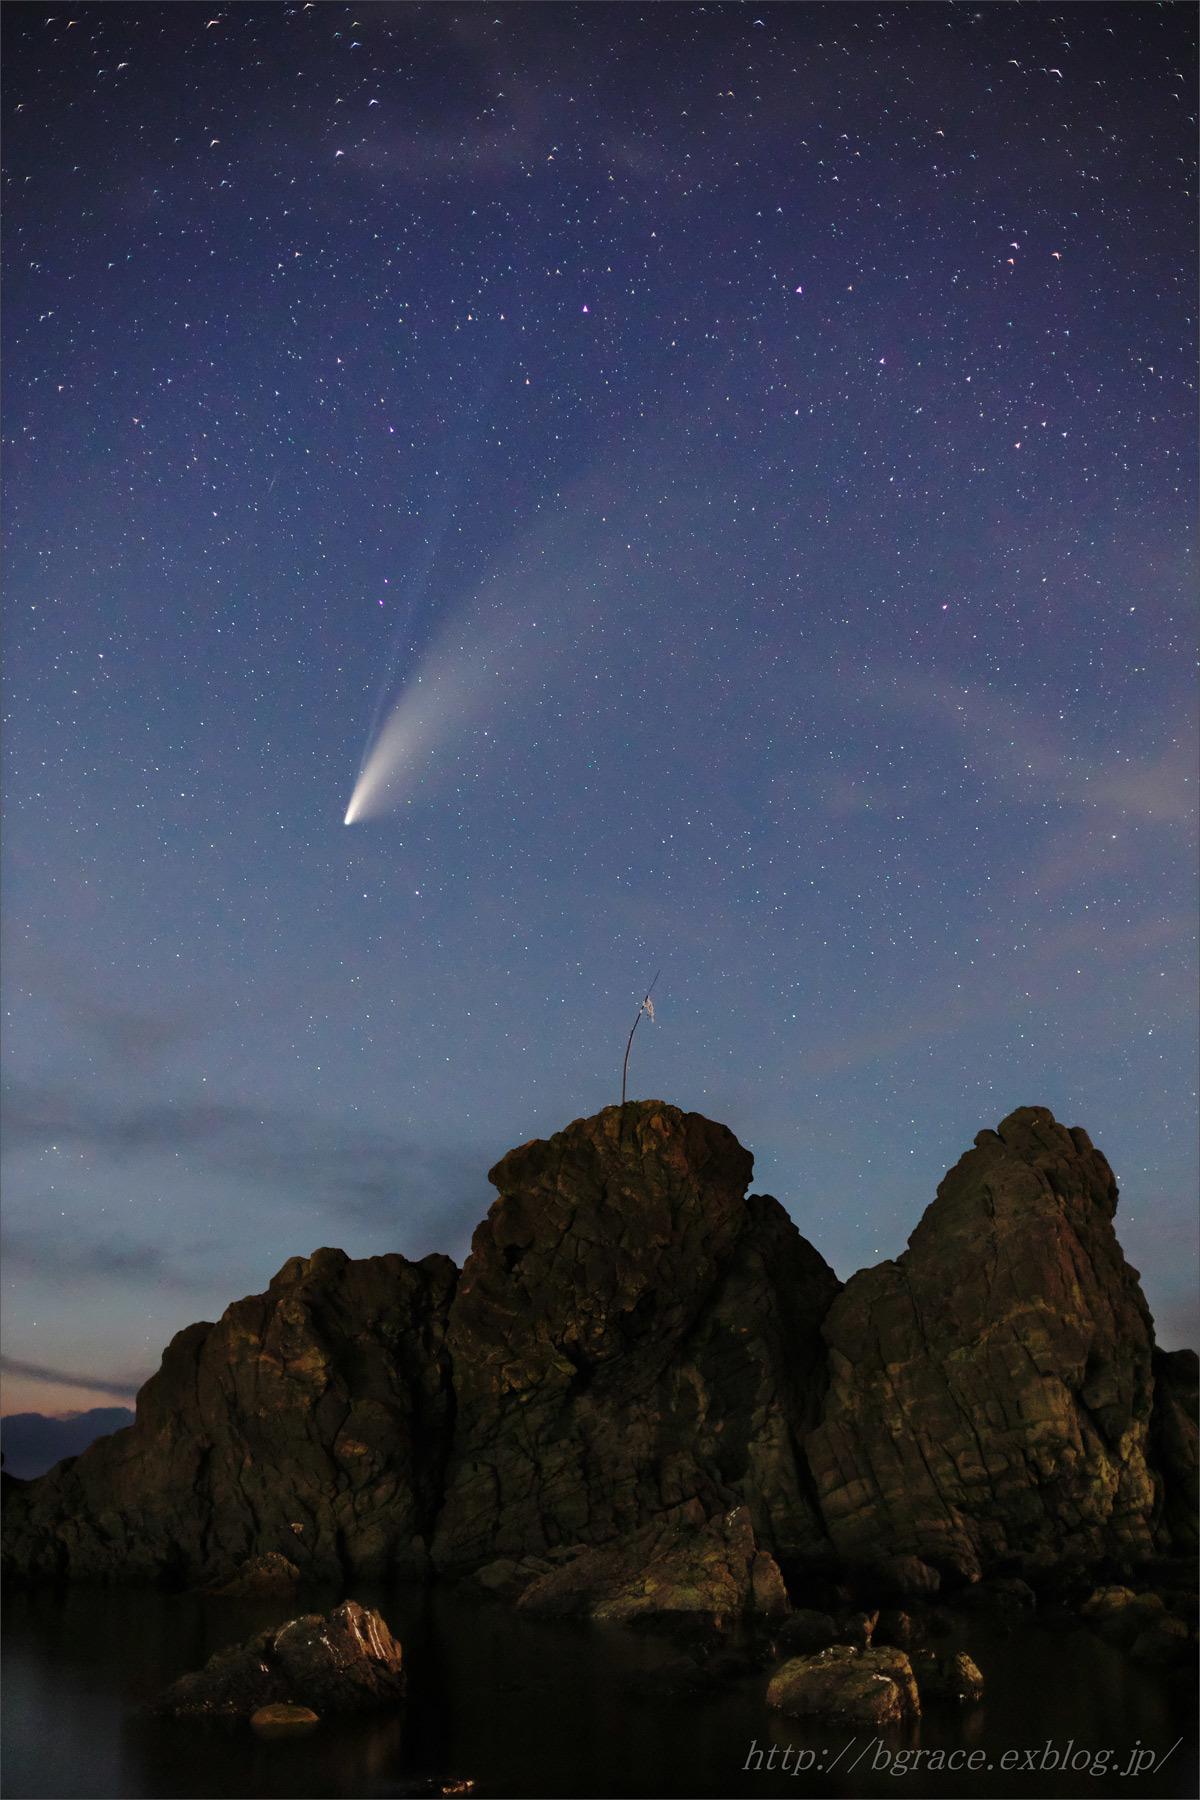 ネオワイズ彗星 (C/2020F3) 7月19日 山形県 Vol.1_b0191074_21350604.jpg